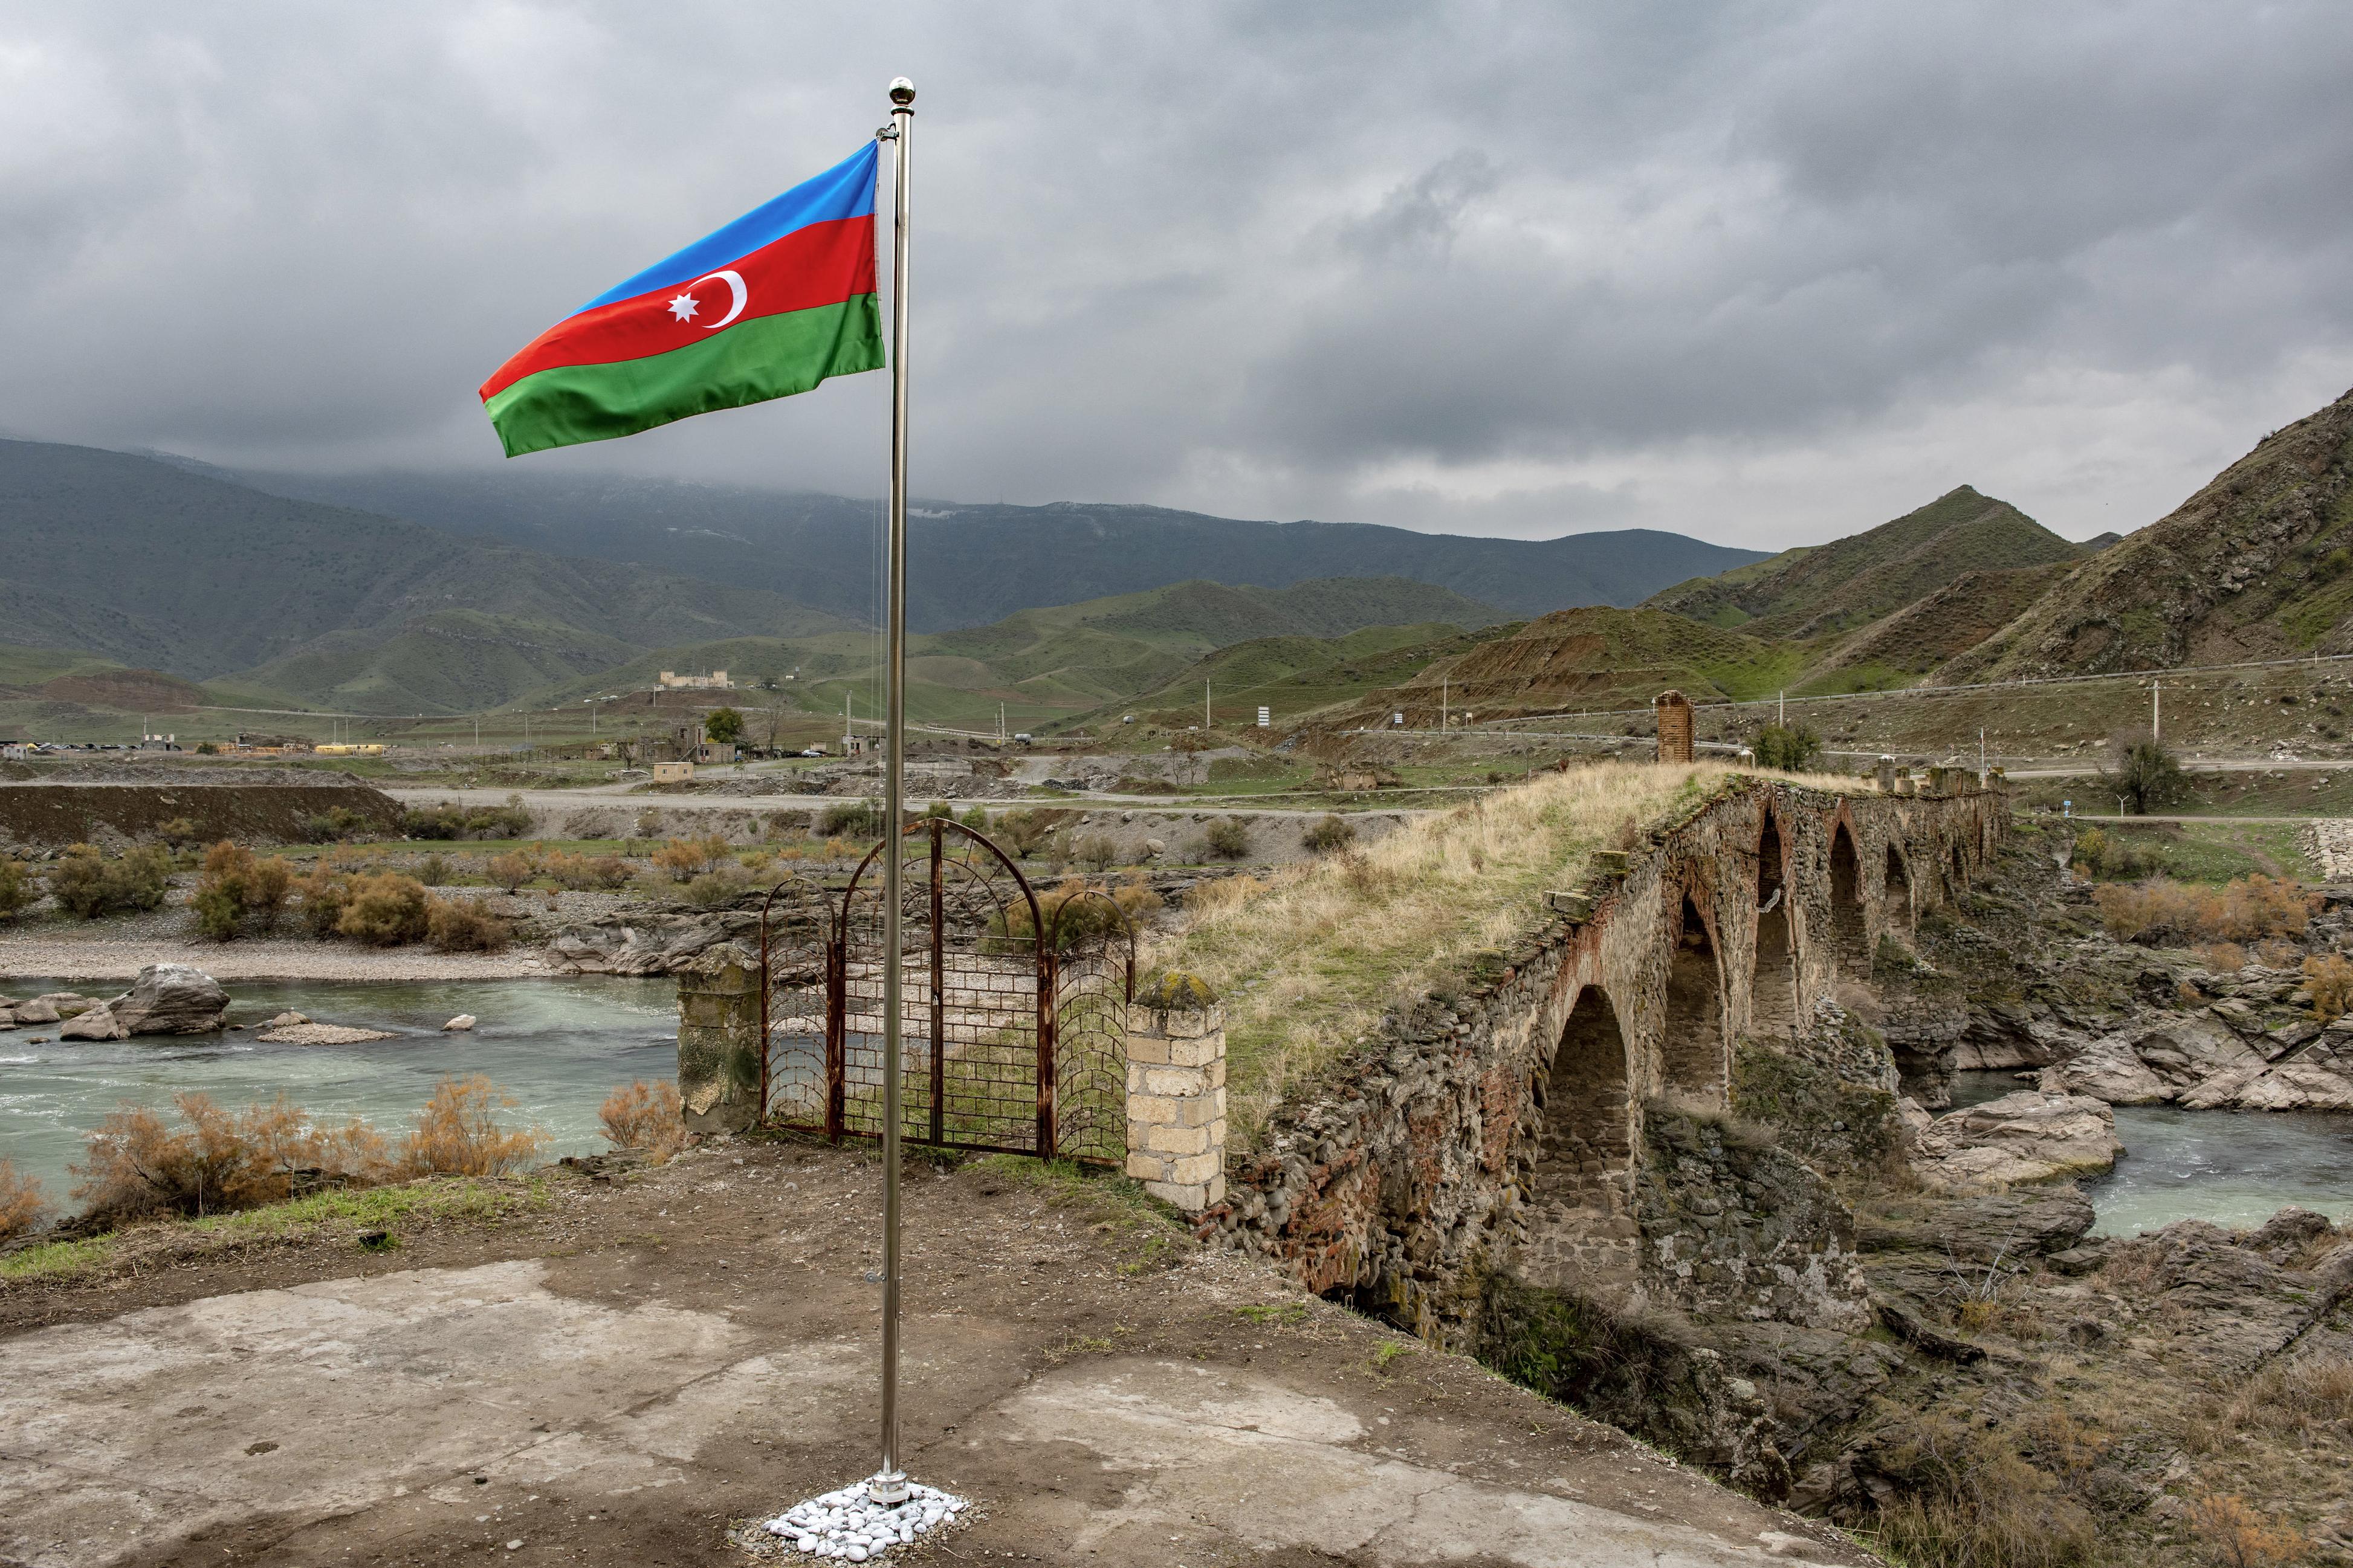 إيران وجارتها الشمالية الغربية أذربيجان تتشارك حدودا تمتد على مسافة 700 كيلومتر تقريبا